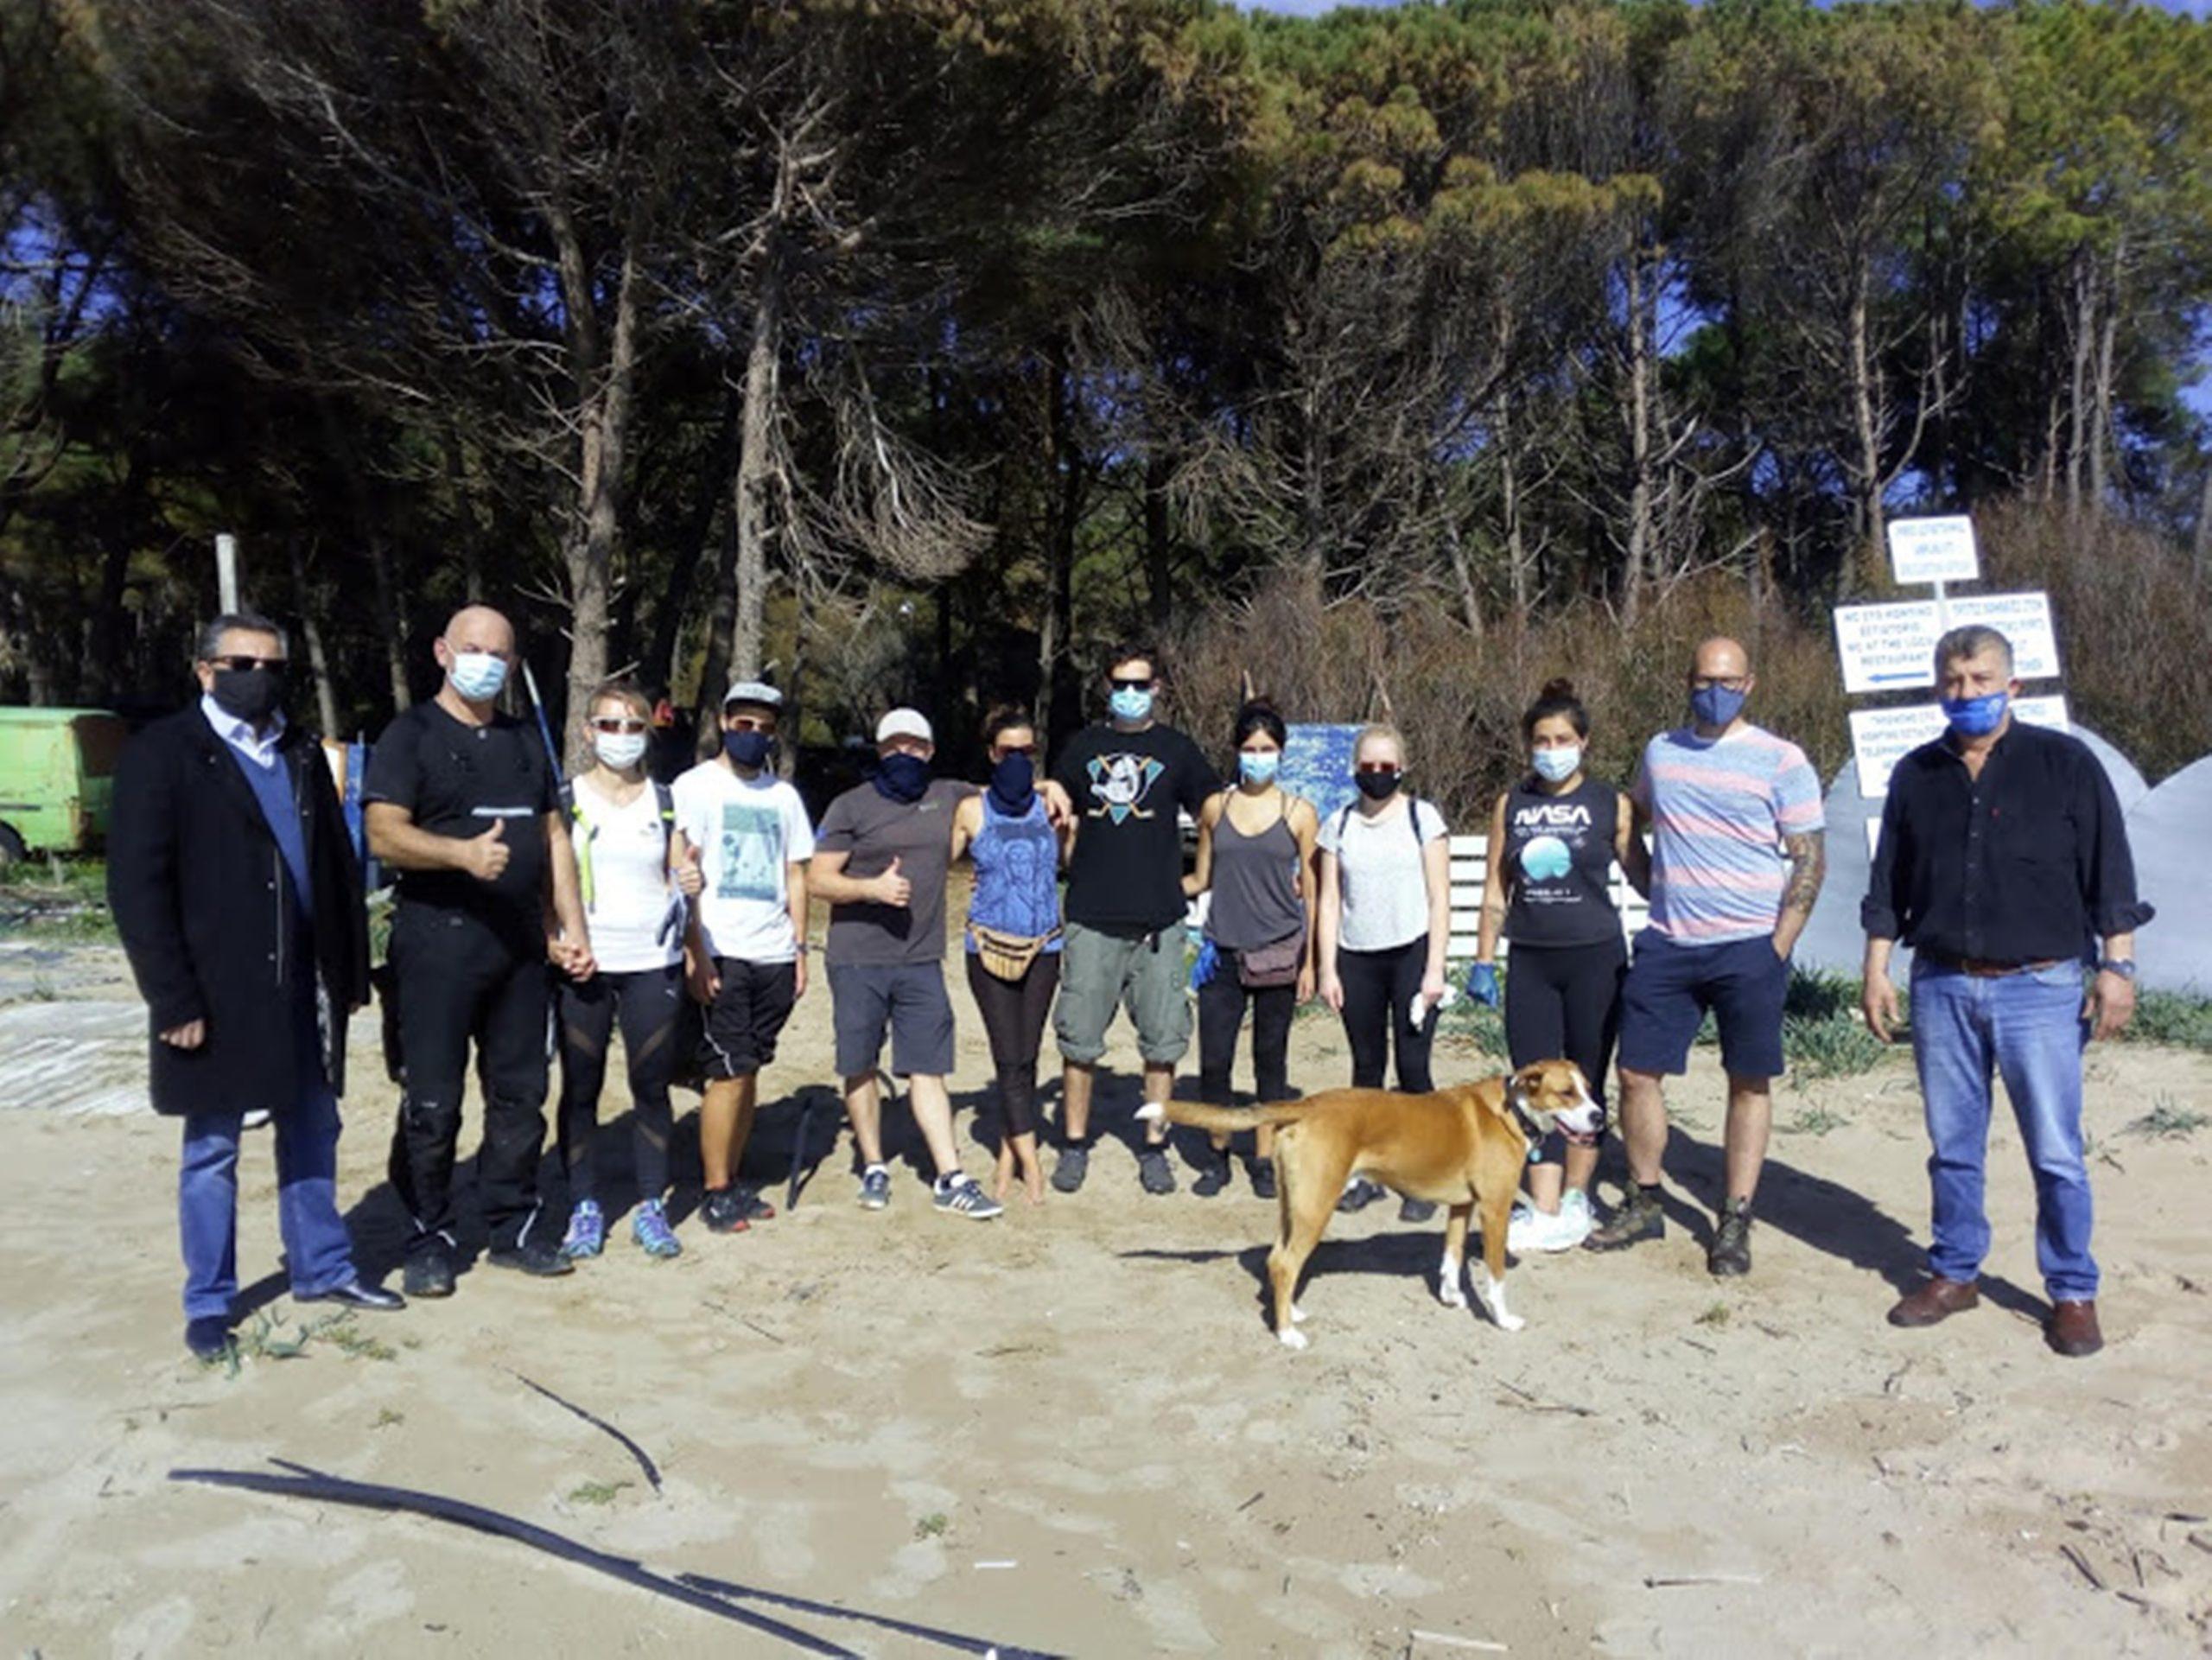 Δήμος Πηνειού: Πρωτιά στην ανακύκλωση στο Νομό Ηλείας